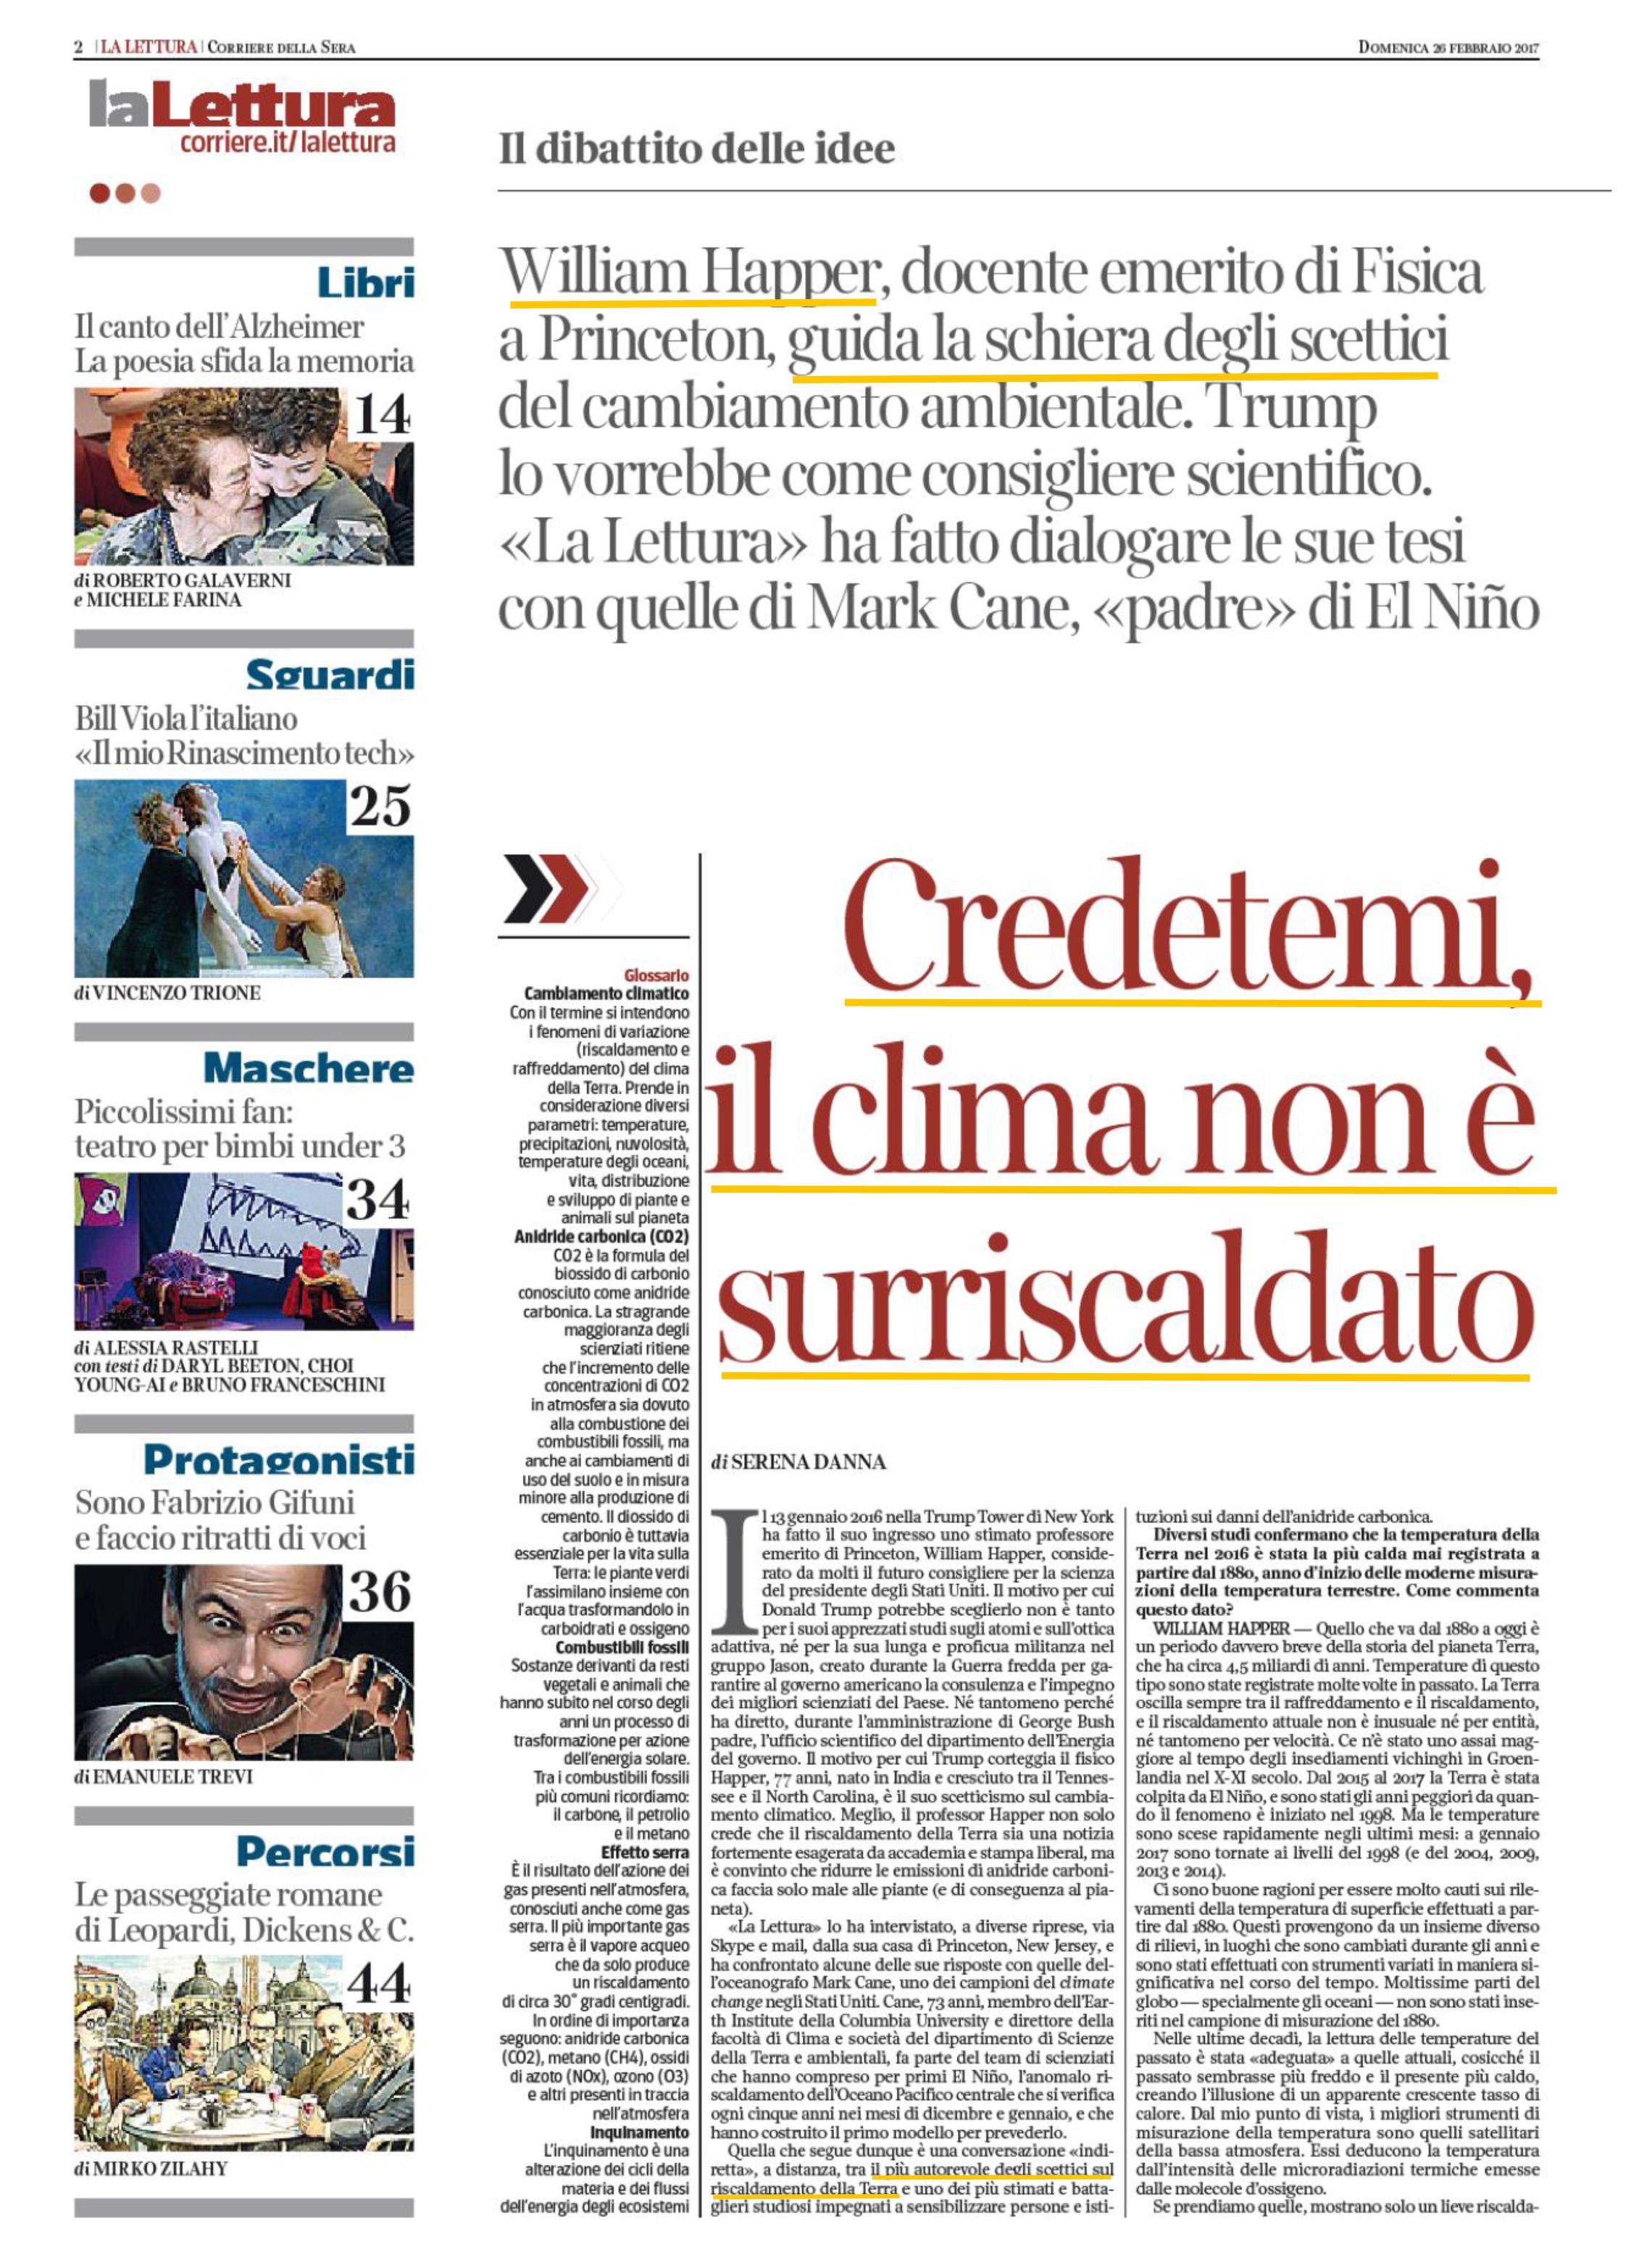 Pagina 2 de La Lettura numero 274, inserto culturale del Corriere della Sera in edicola il 26 febbraio 2017.